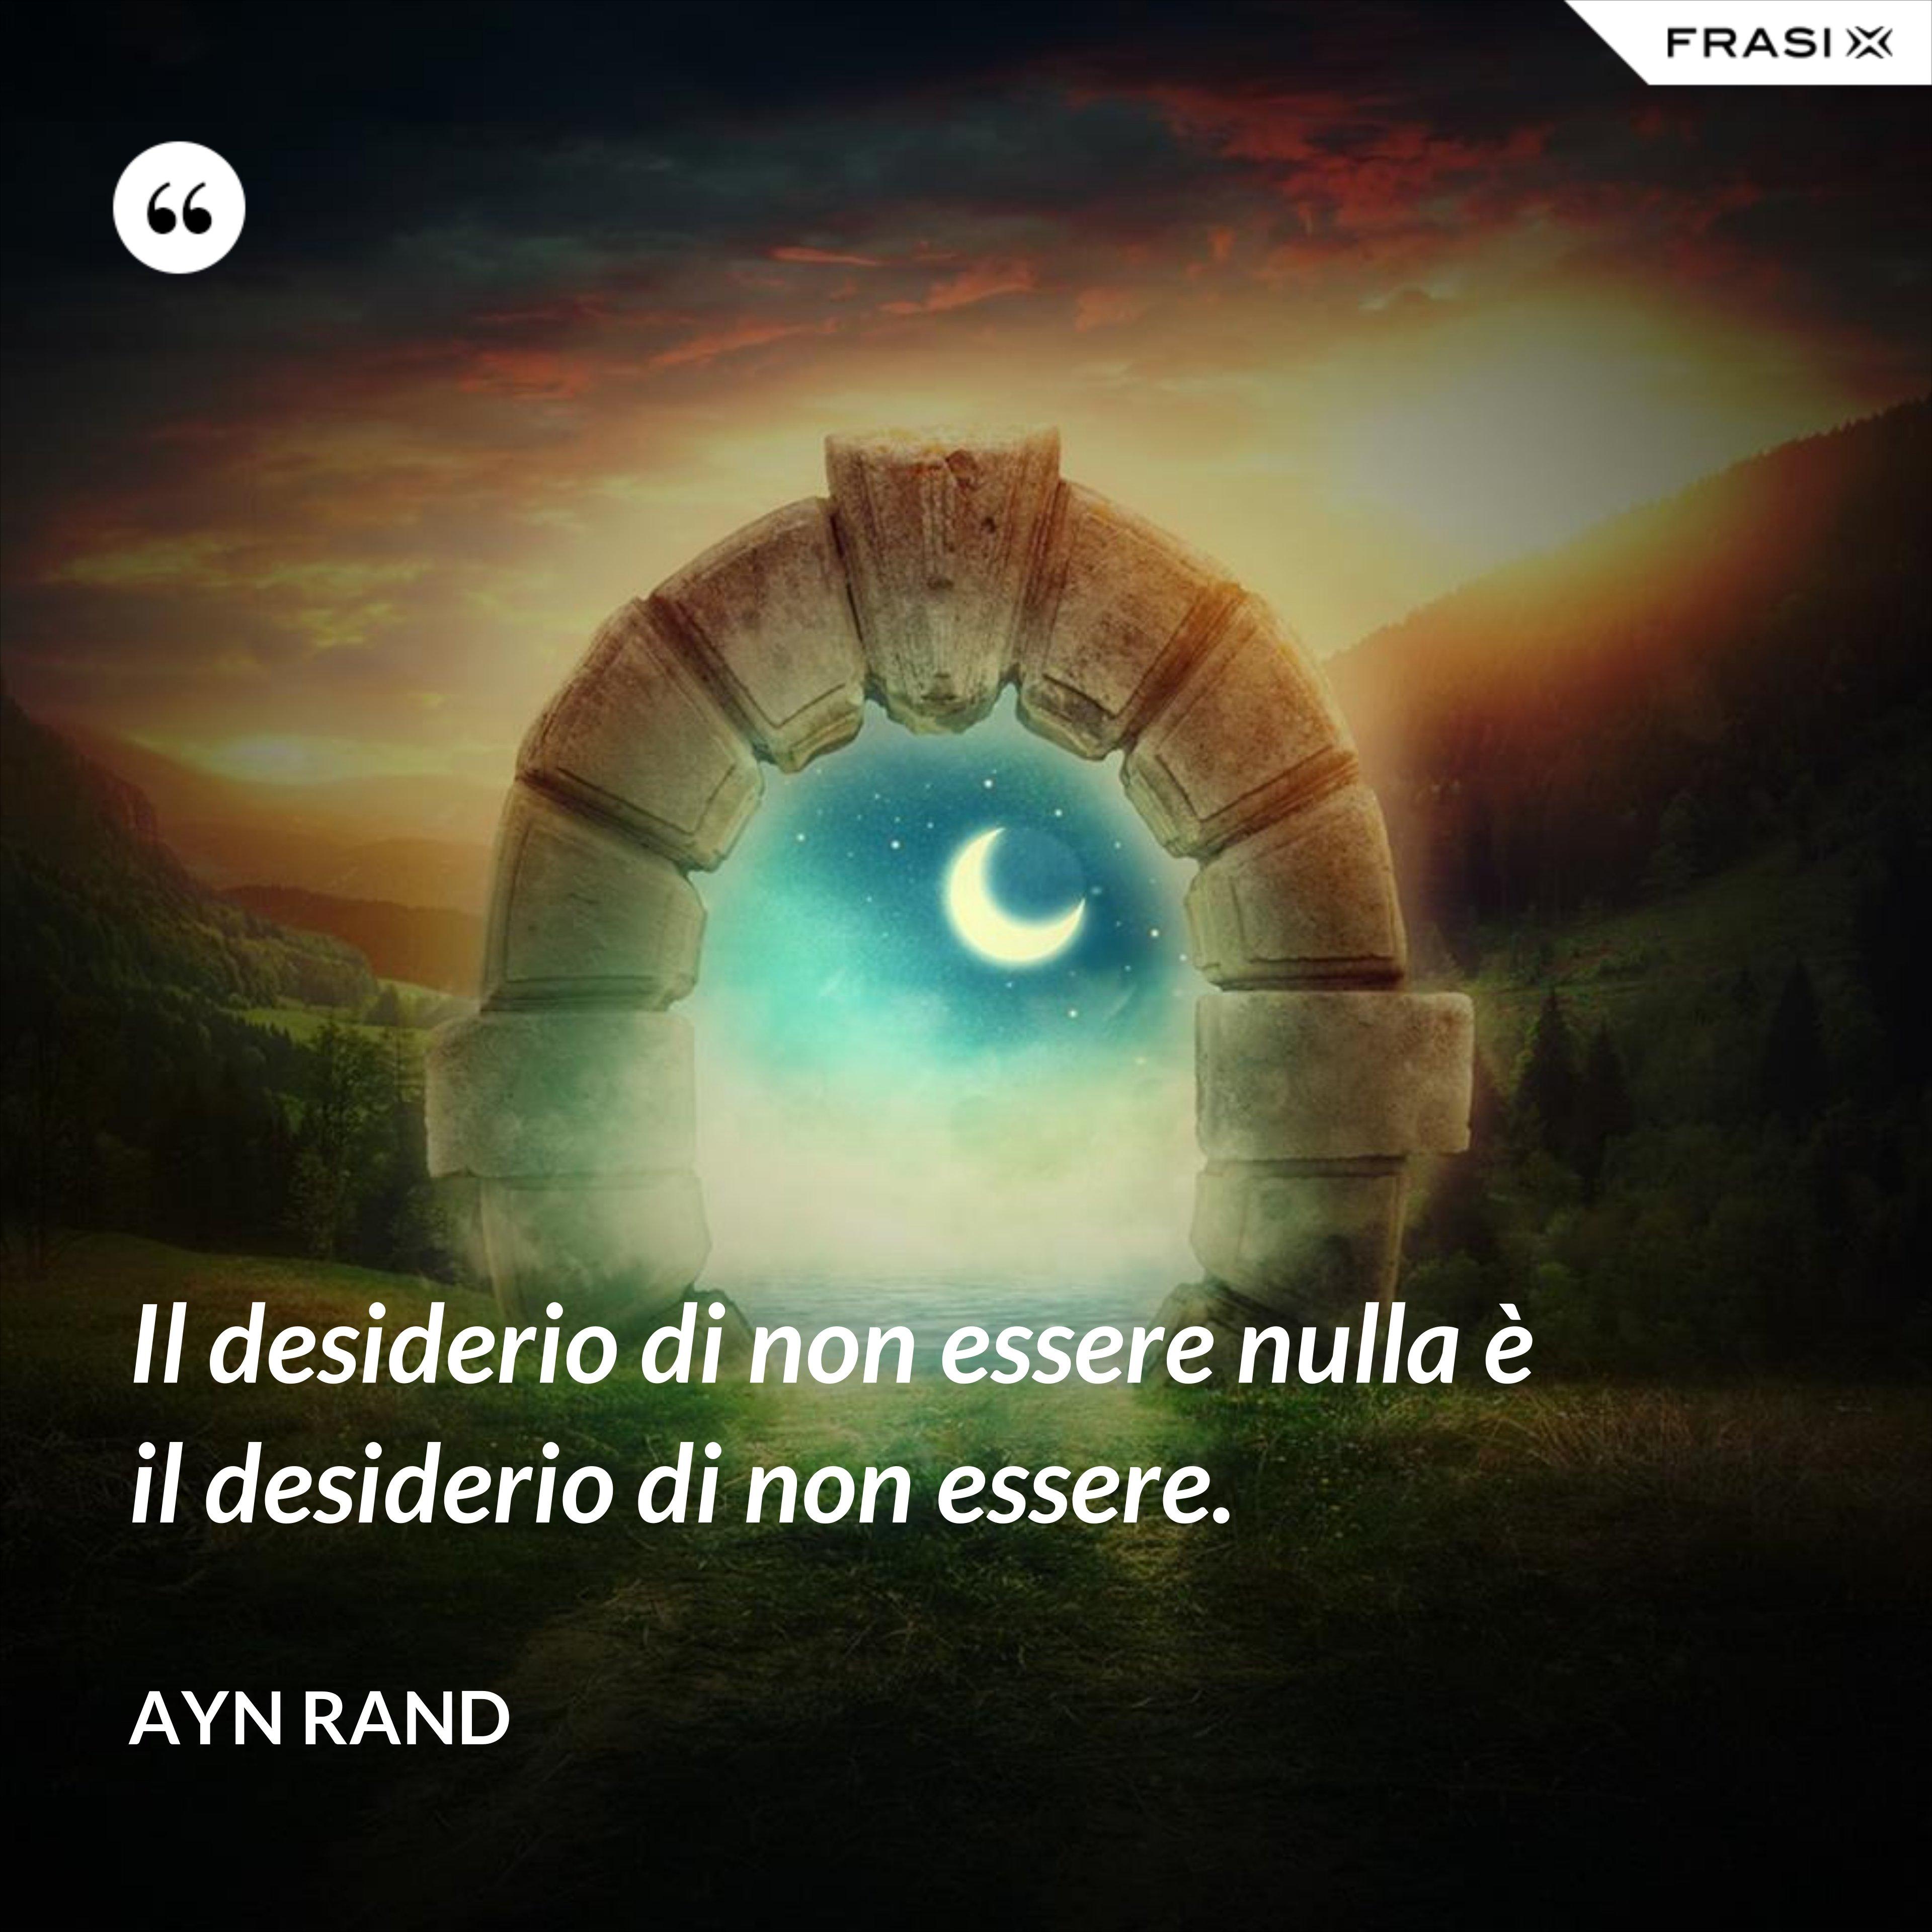 Il desiderio di non essere nulla è il desiderio di non essere. - Ayn Rand